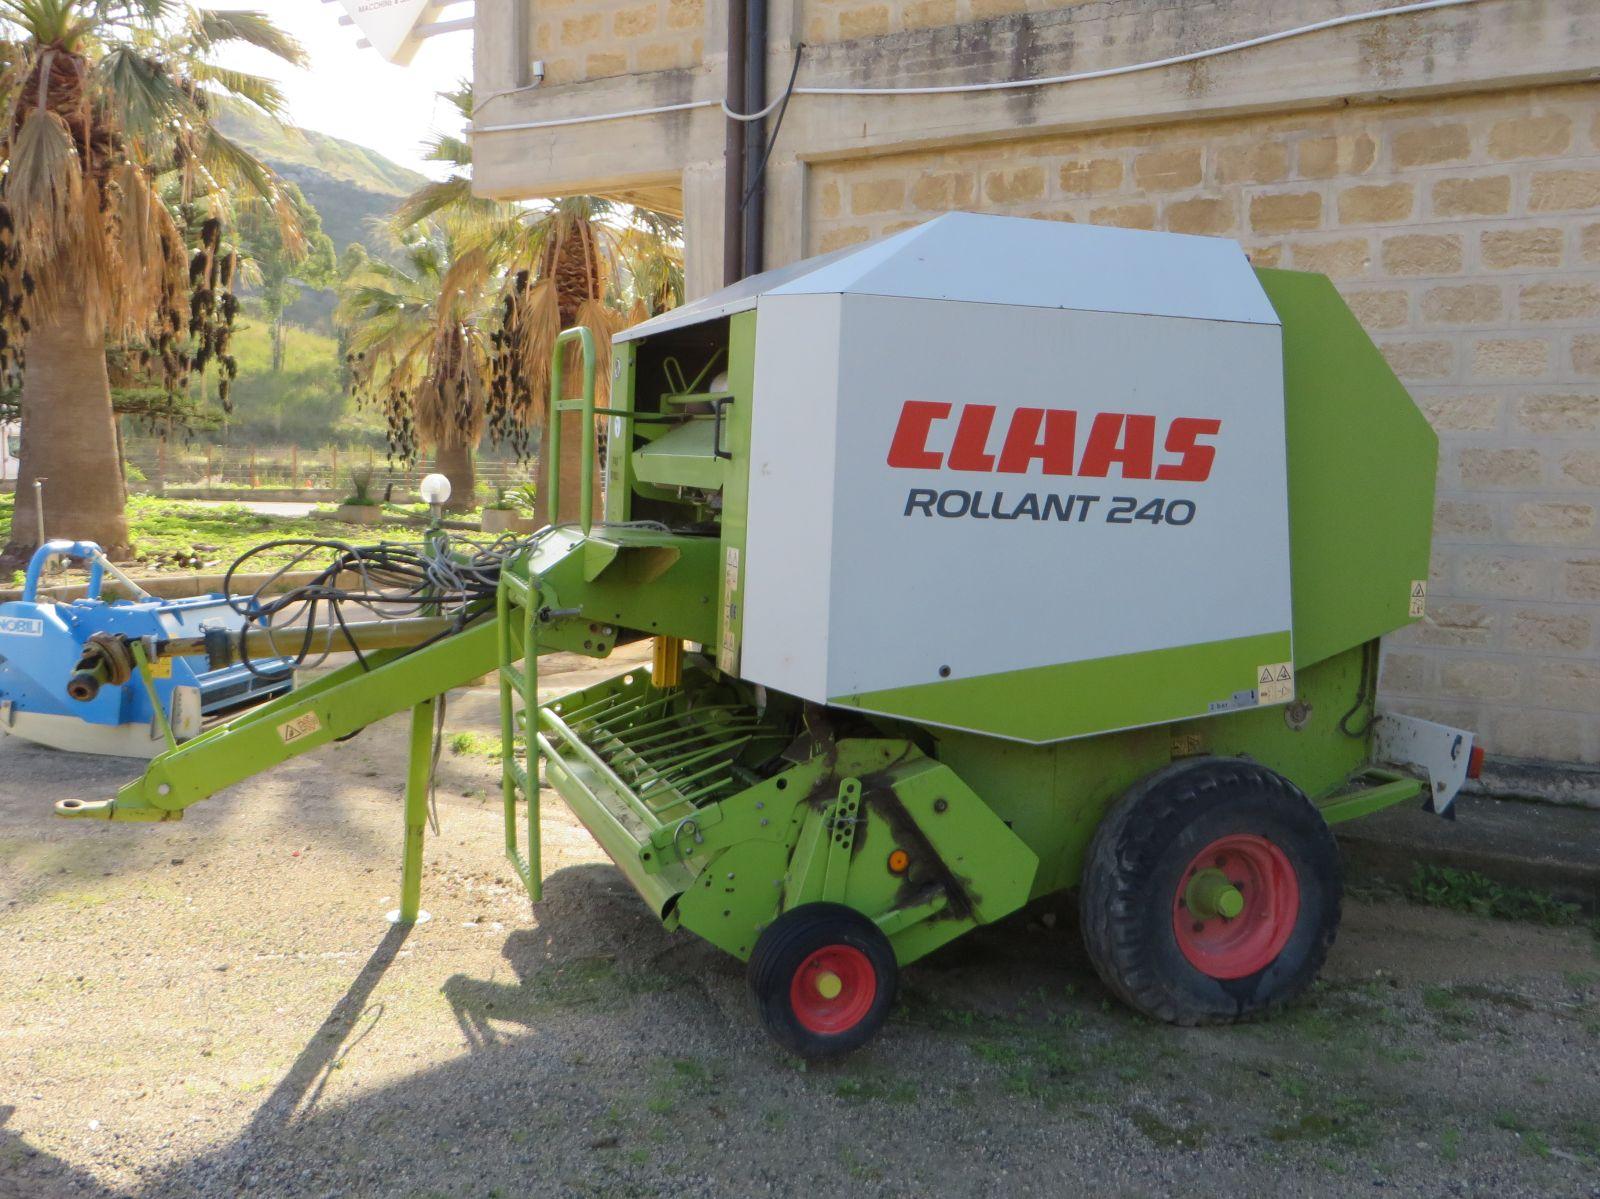 Rotopresse claas usate mulino elettrico per cereali for Attrezzi agricoli usati piemonte